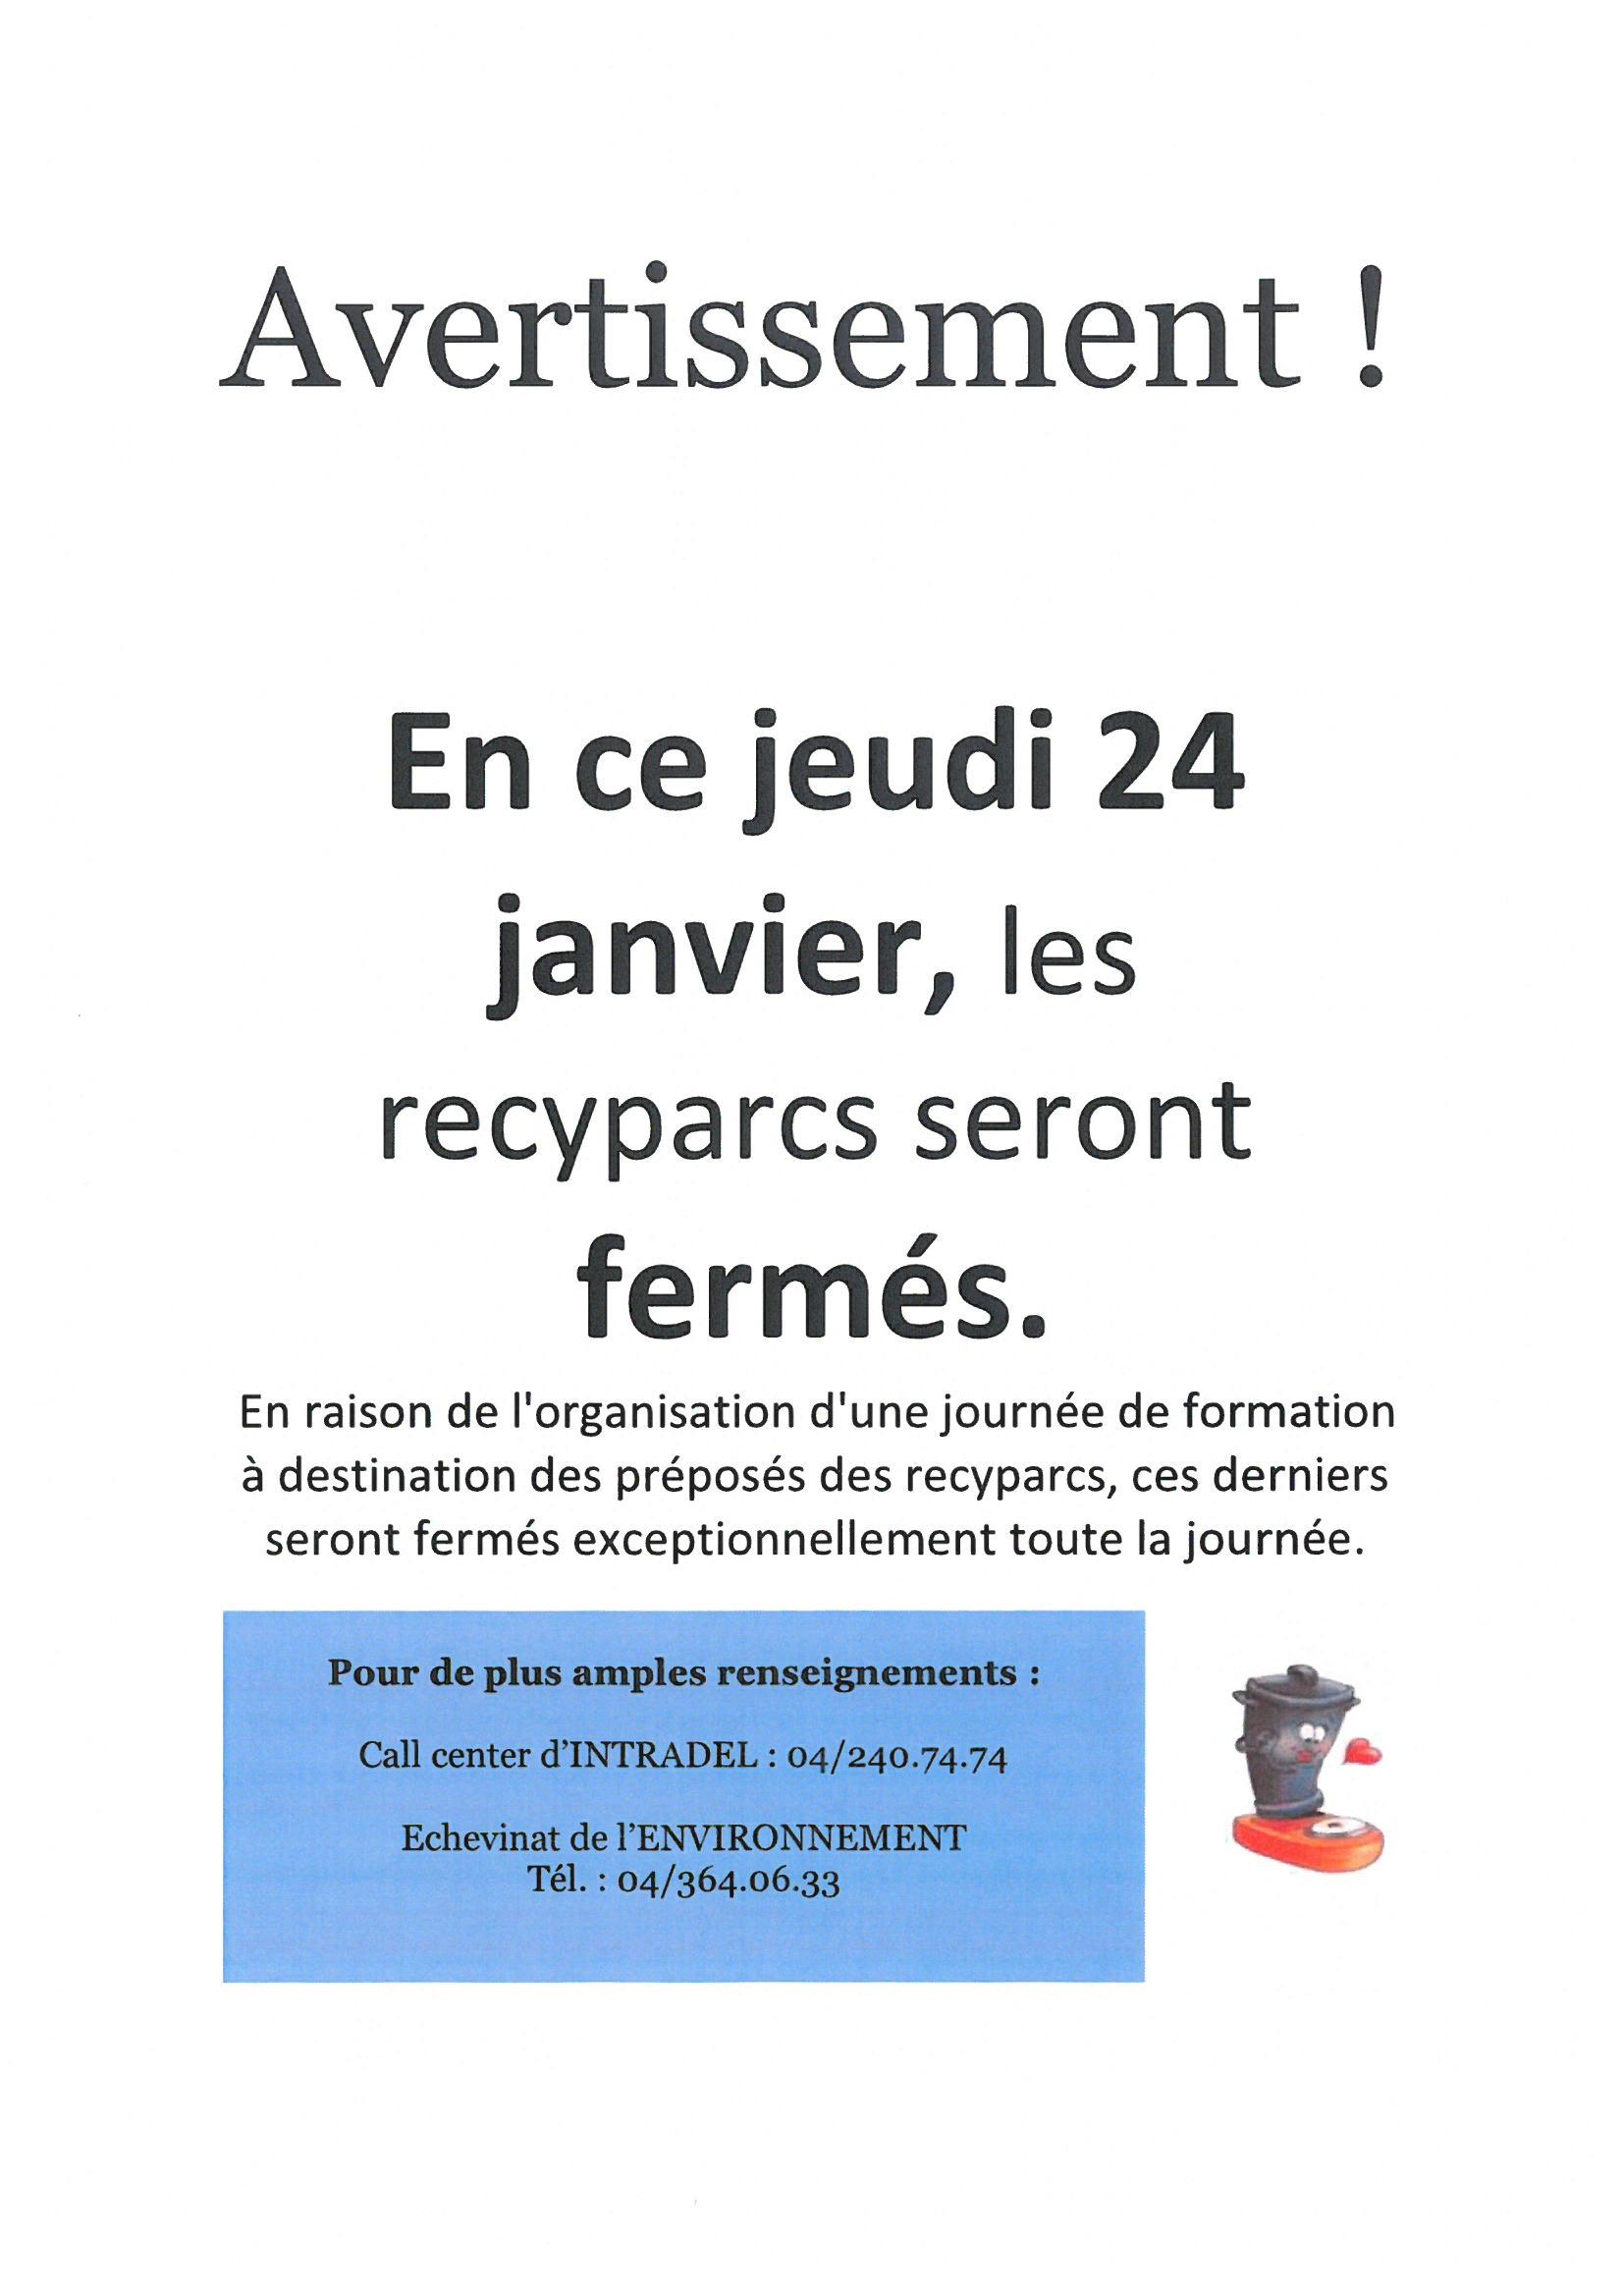 Fermeture des recyparcs le jeudi 24 janvier